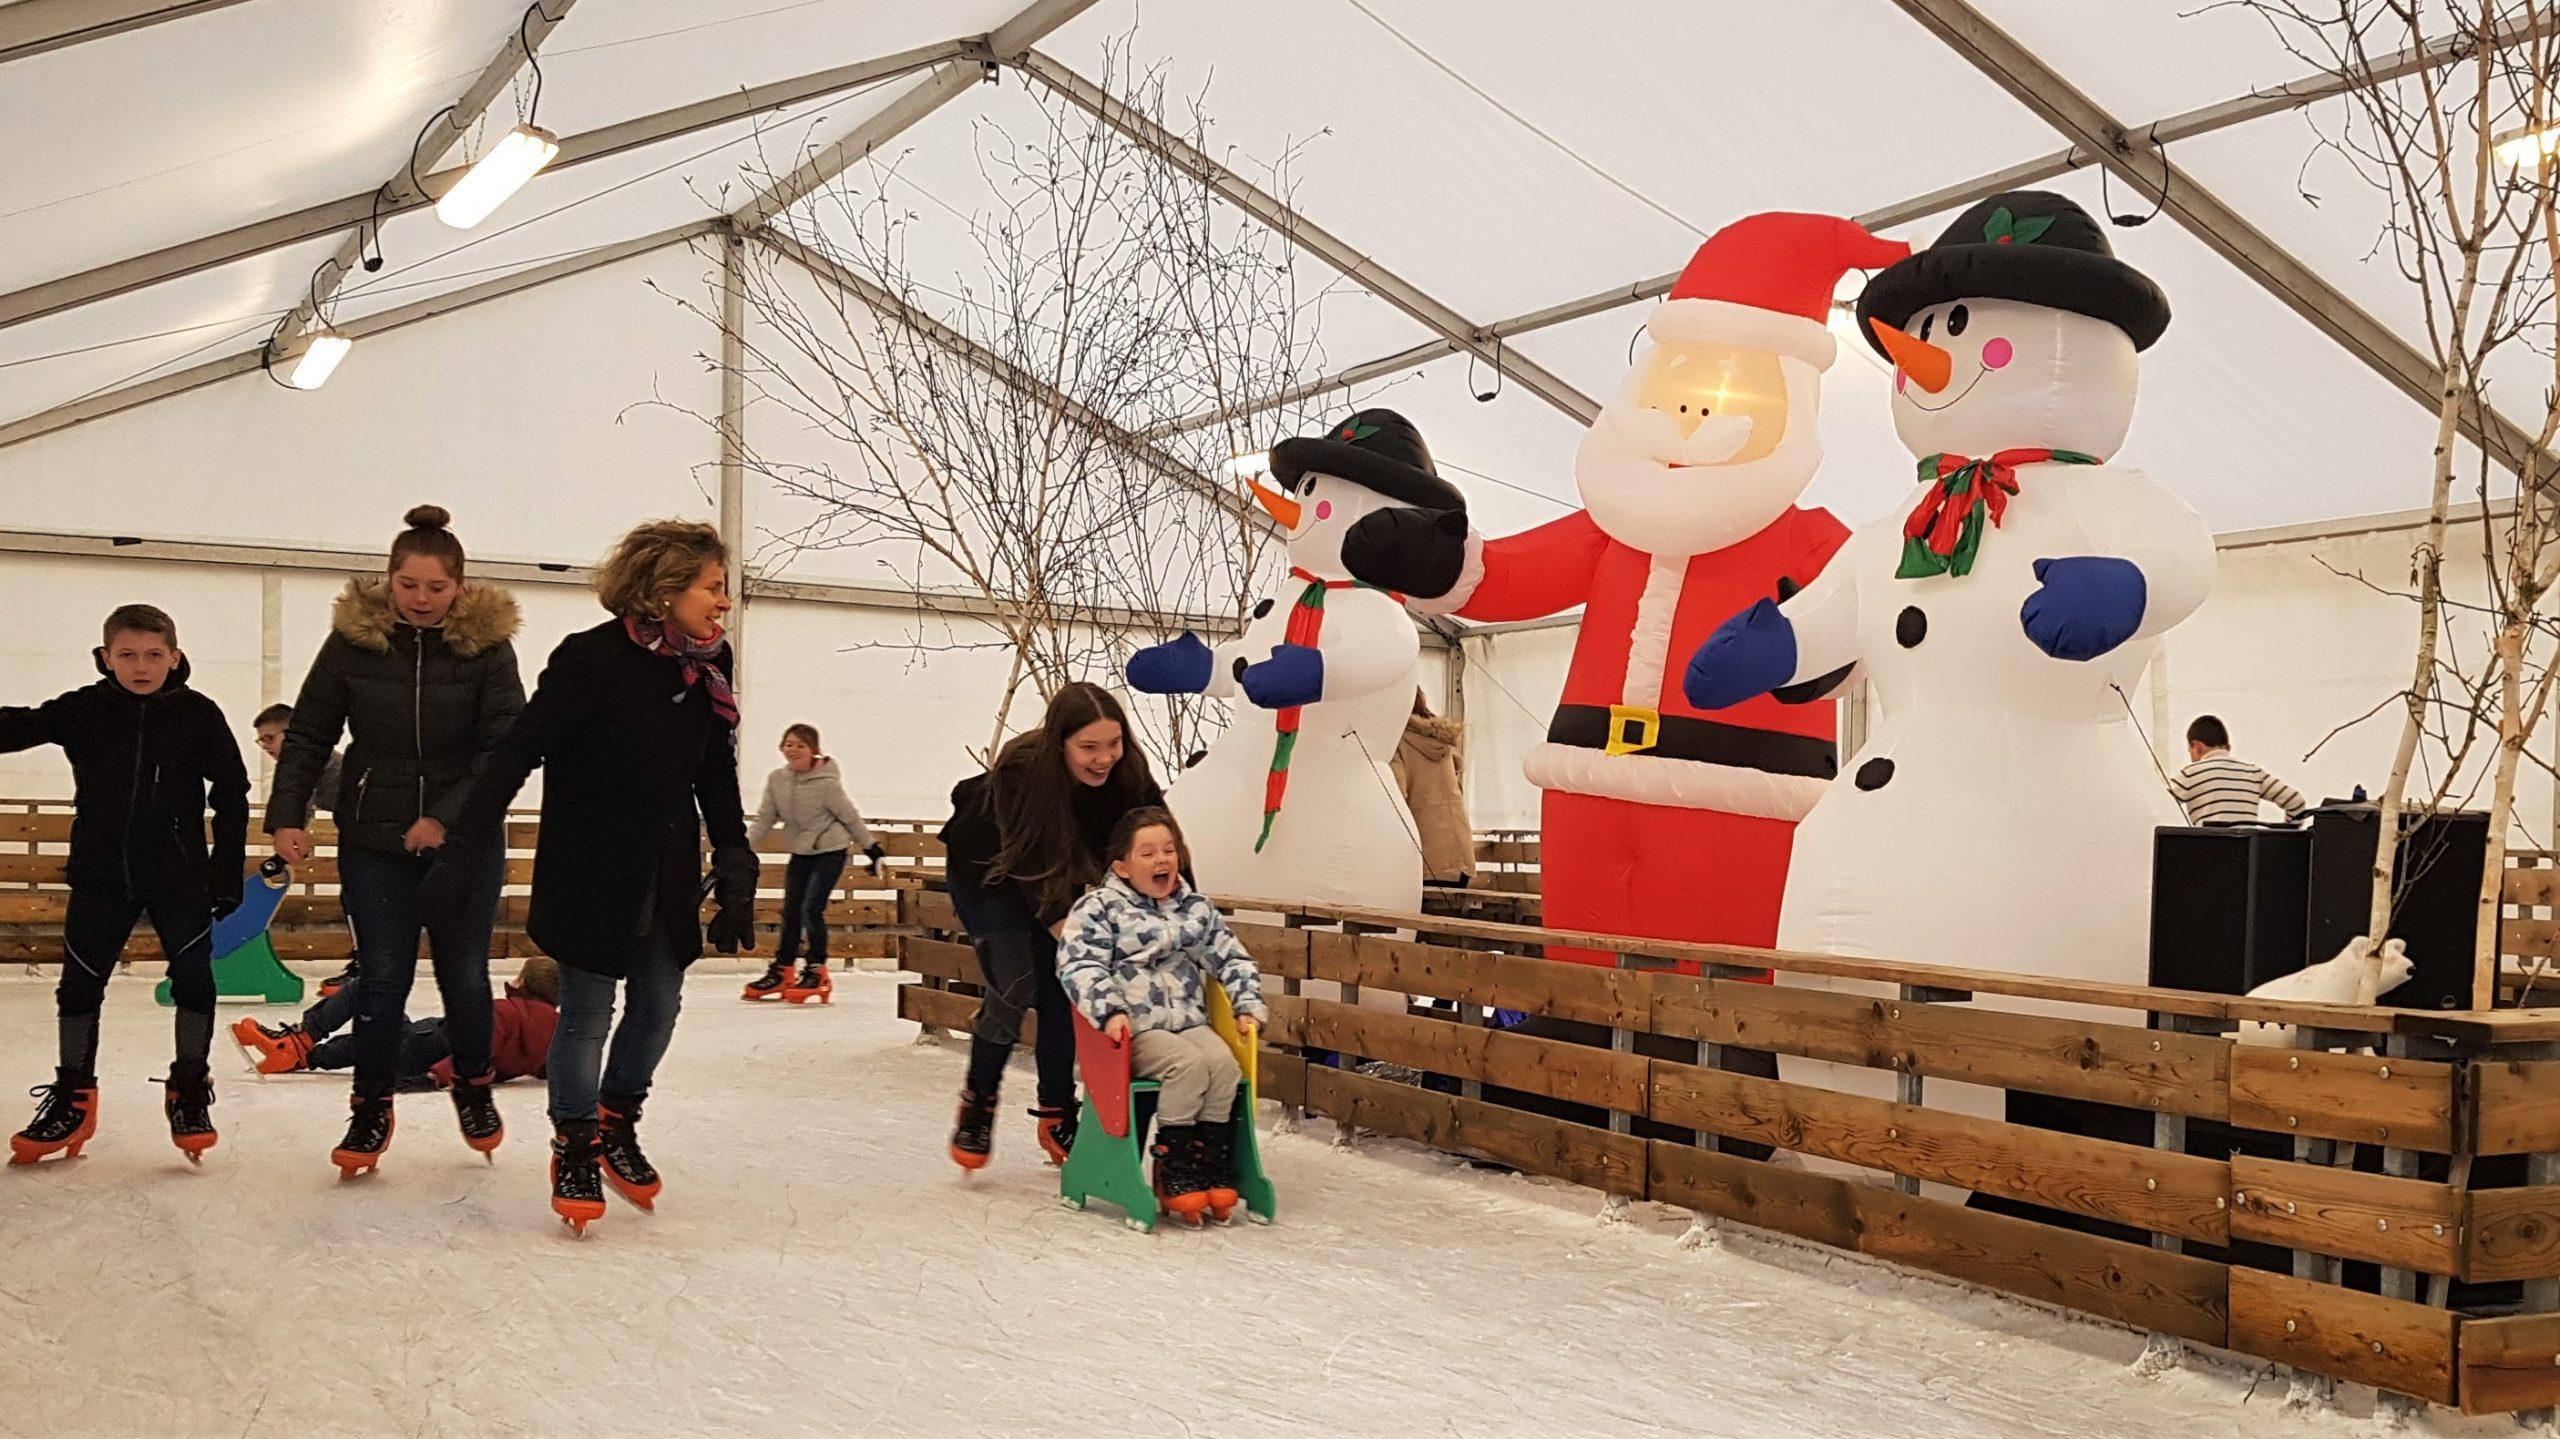 Près de deux mille patineurs ont déjà profité des joies de la glisse à Saint-Pol